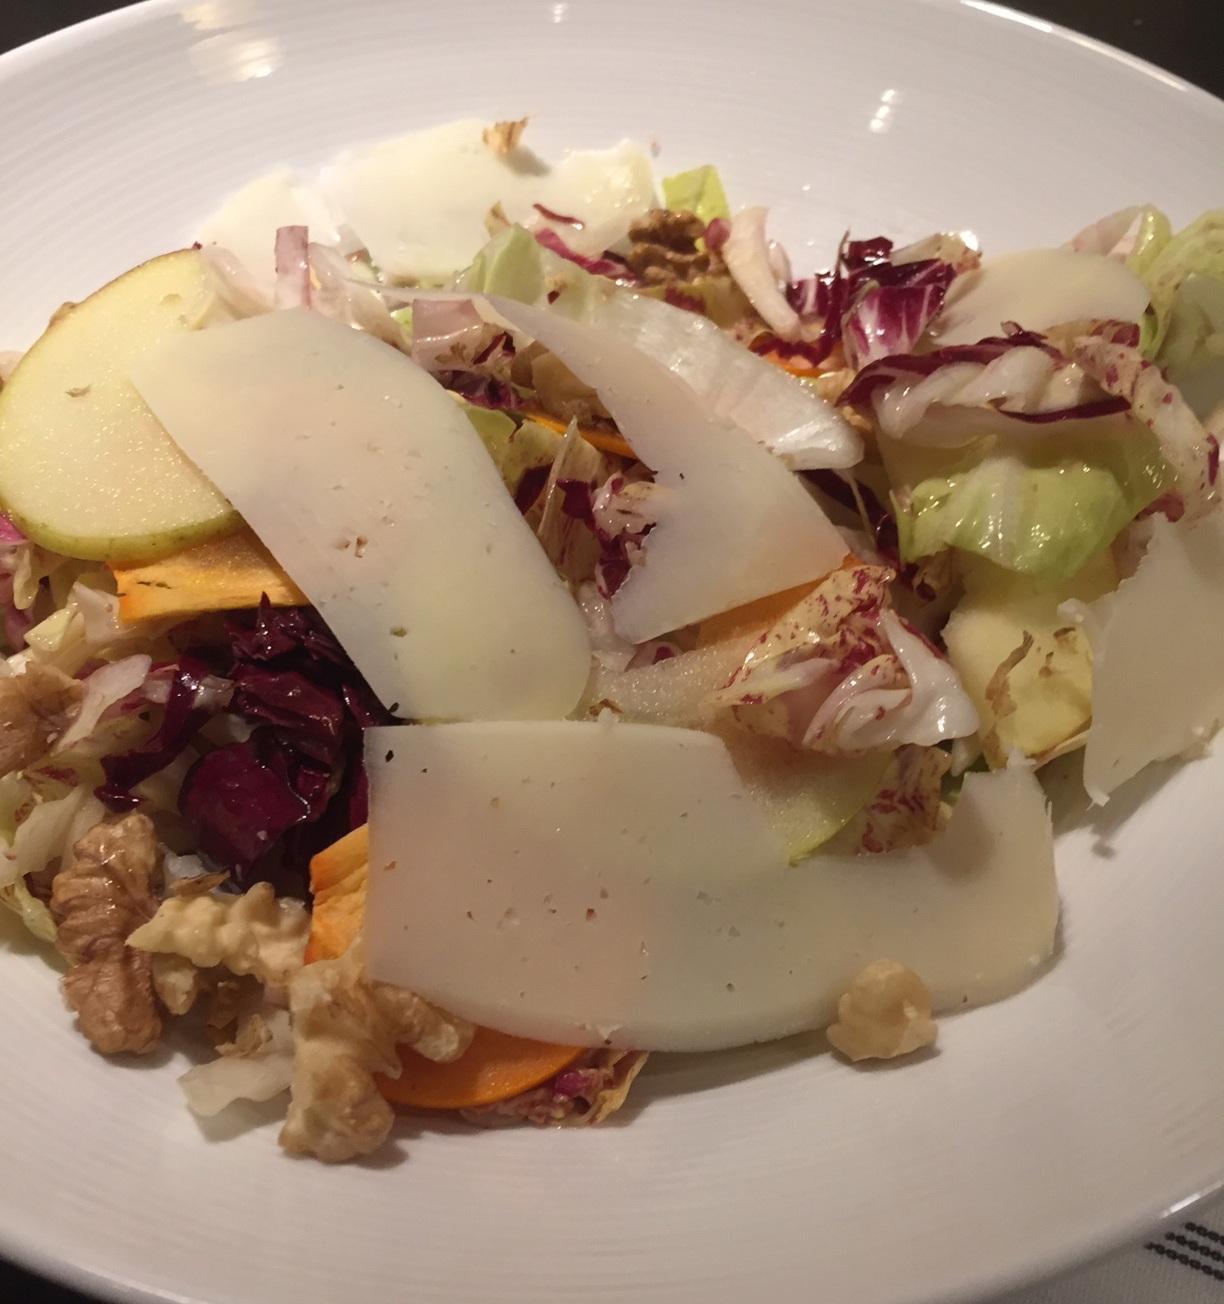 Season Fall salad made with baby arugula - beautifully presented.